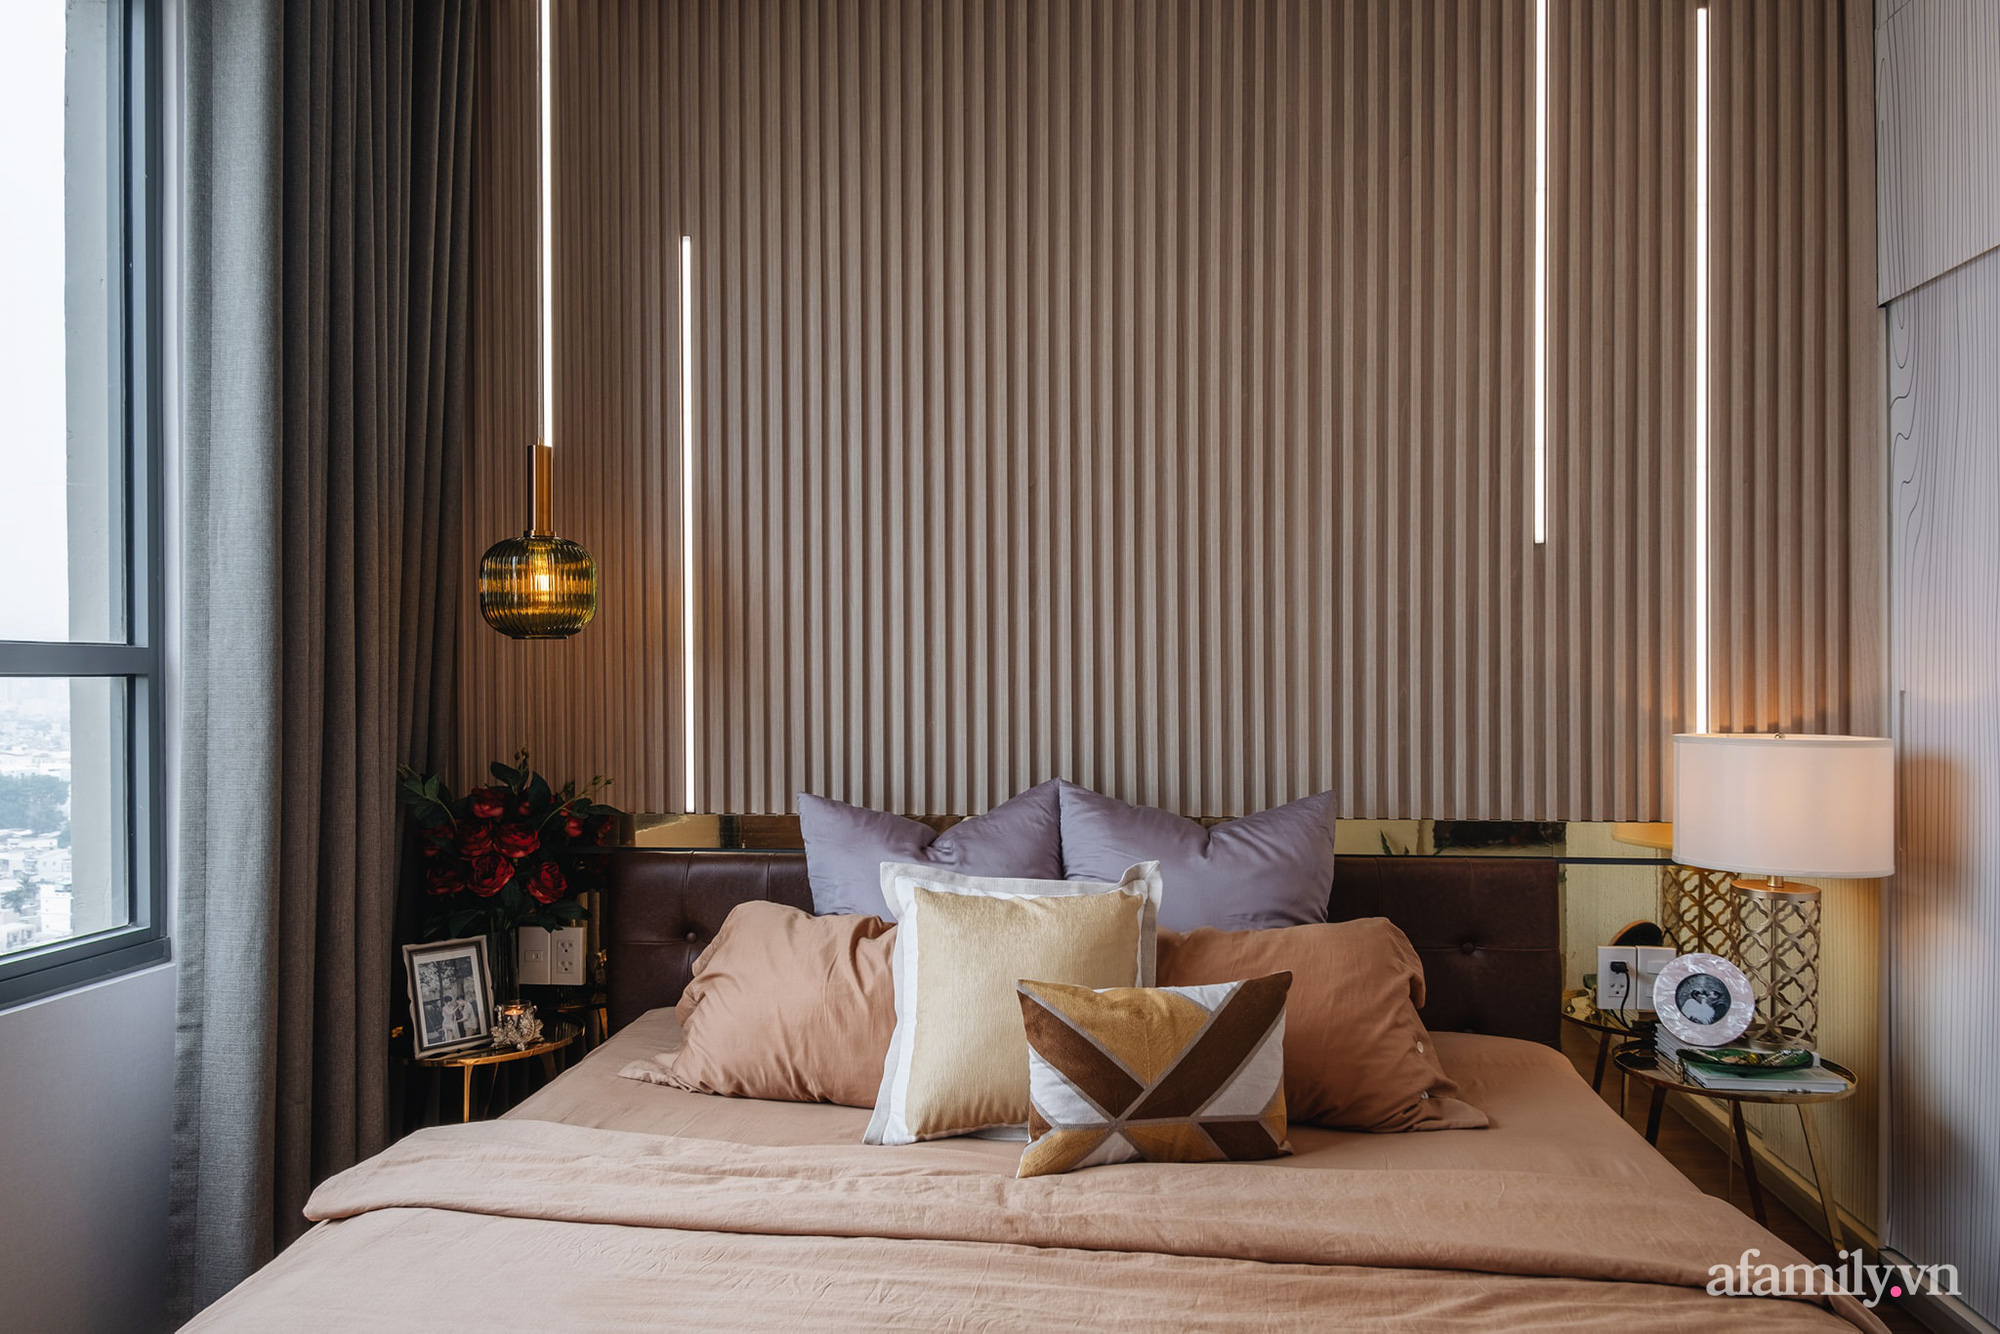 Căn hộ 70m² màu nâu trầm đẹp sang chảnh với chi phí hoàn thiện nội thất 400 triệu đồng ở Sài Gòn - Ảnh 16.